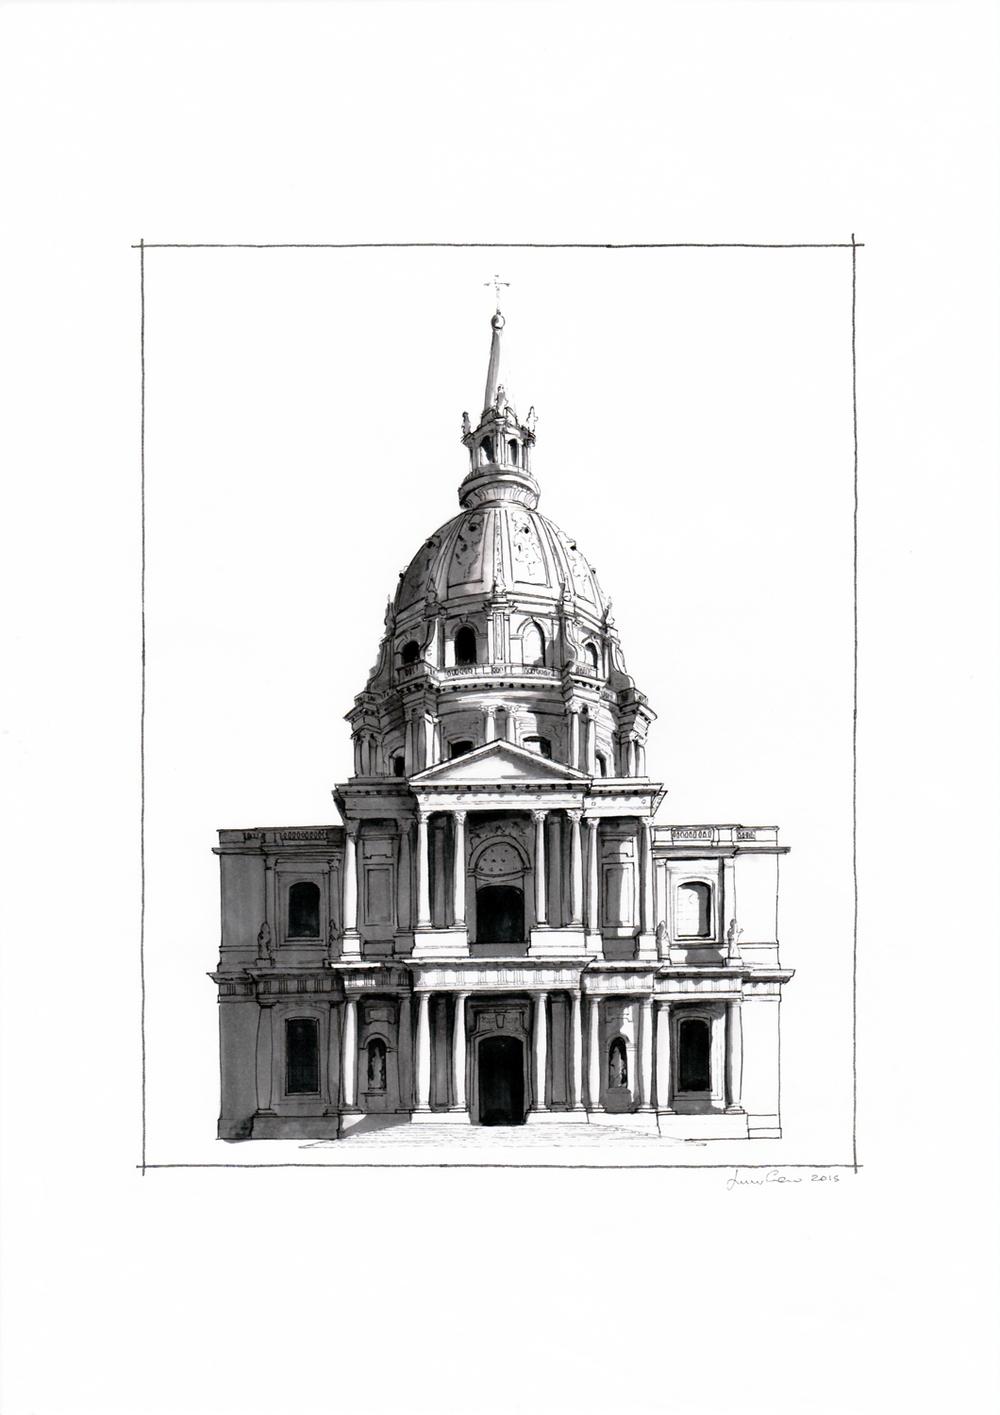 Hôtel des Invalides - Parigi